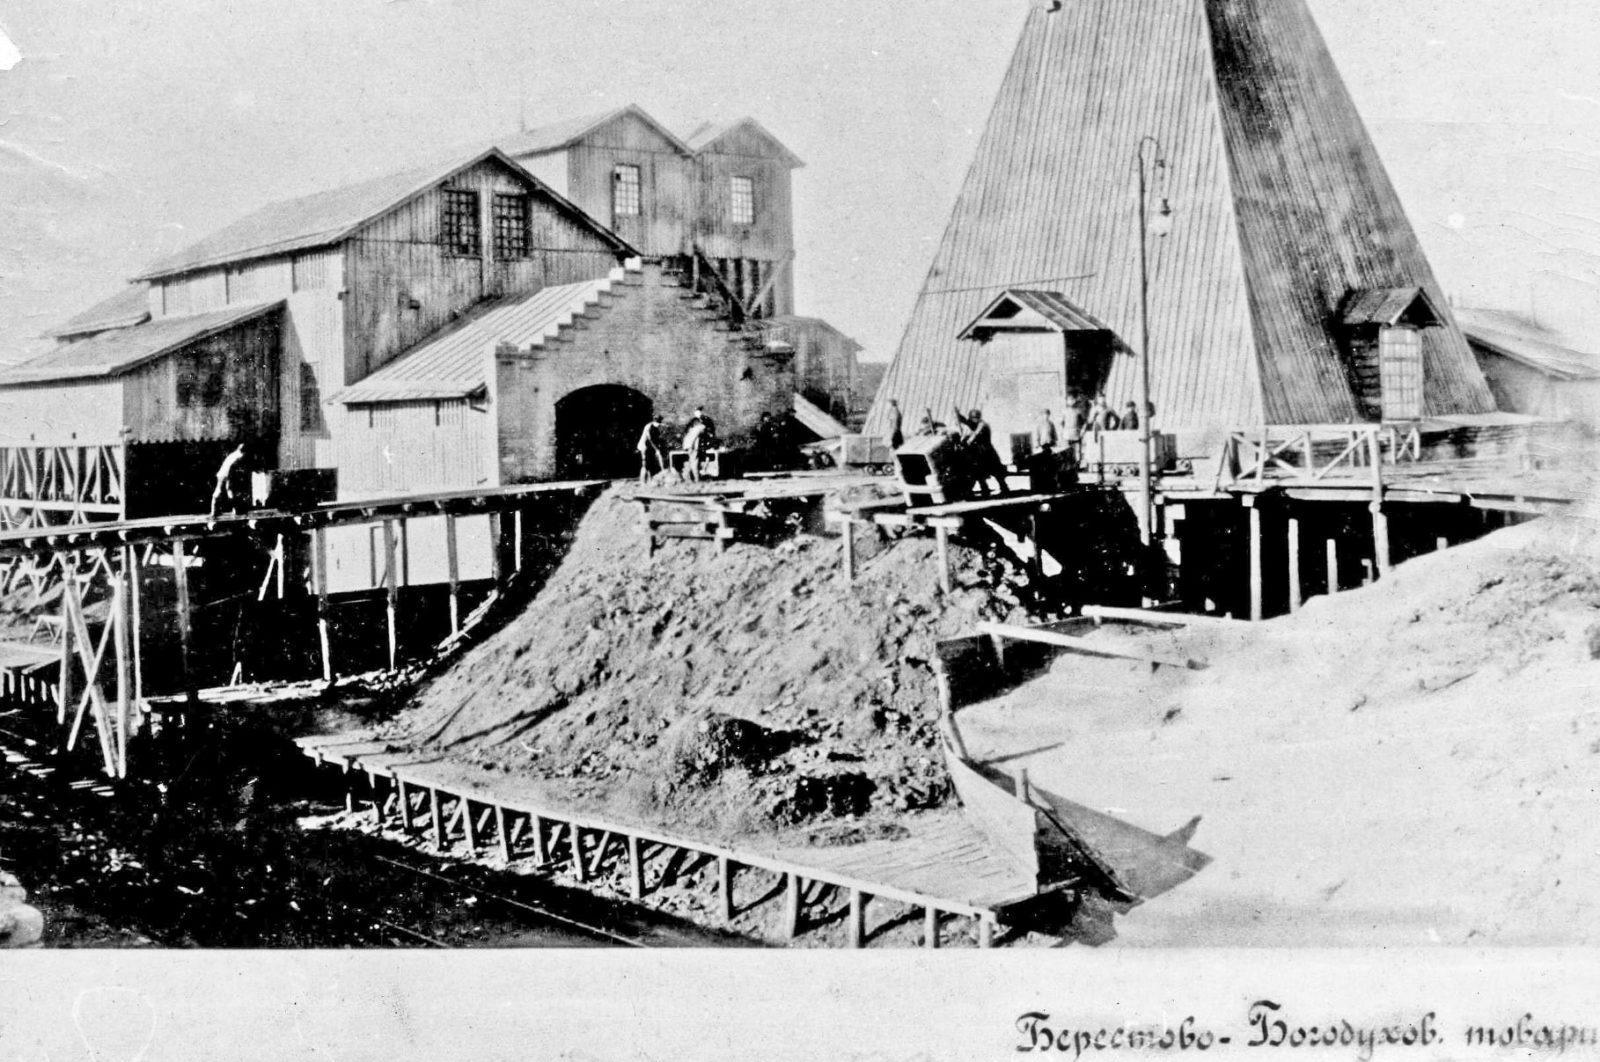 Фотолетопись. Шахта №4 Берестово-Богодуховского рудника